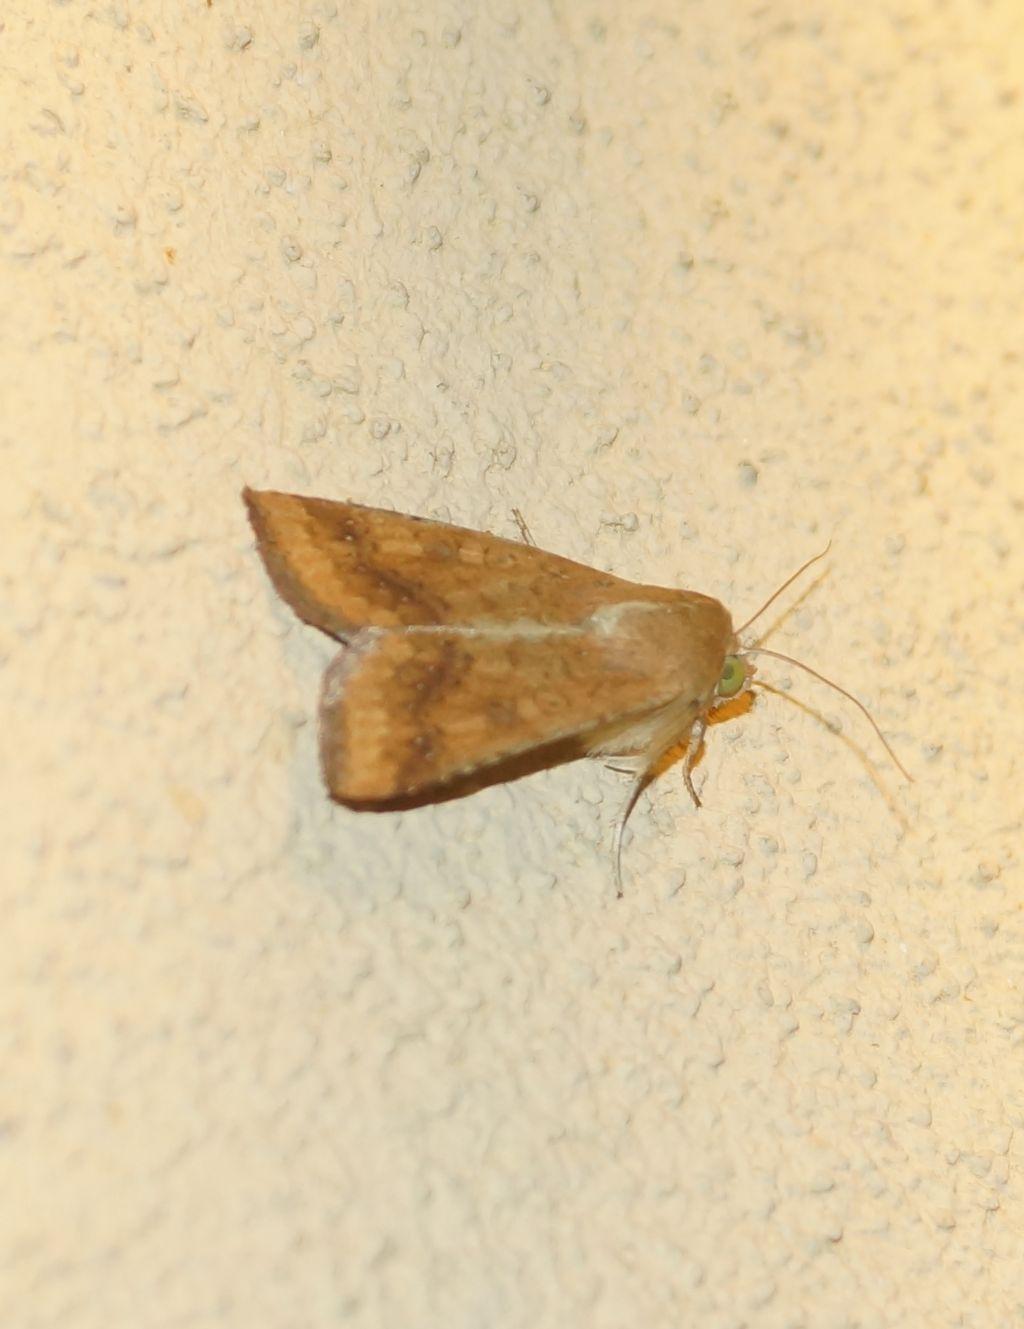 Helicoverpa armigera - Noctuidae